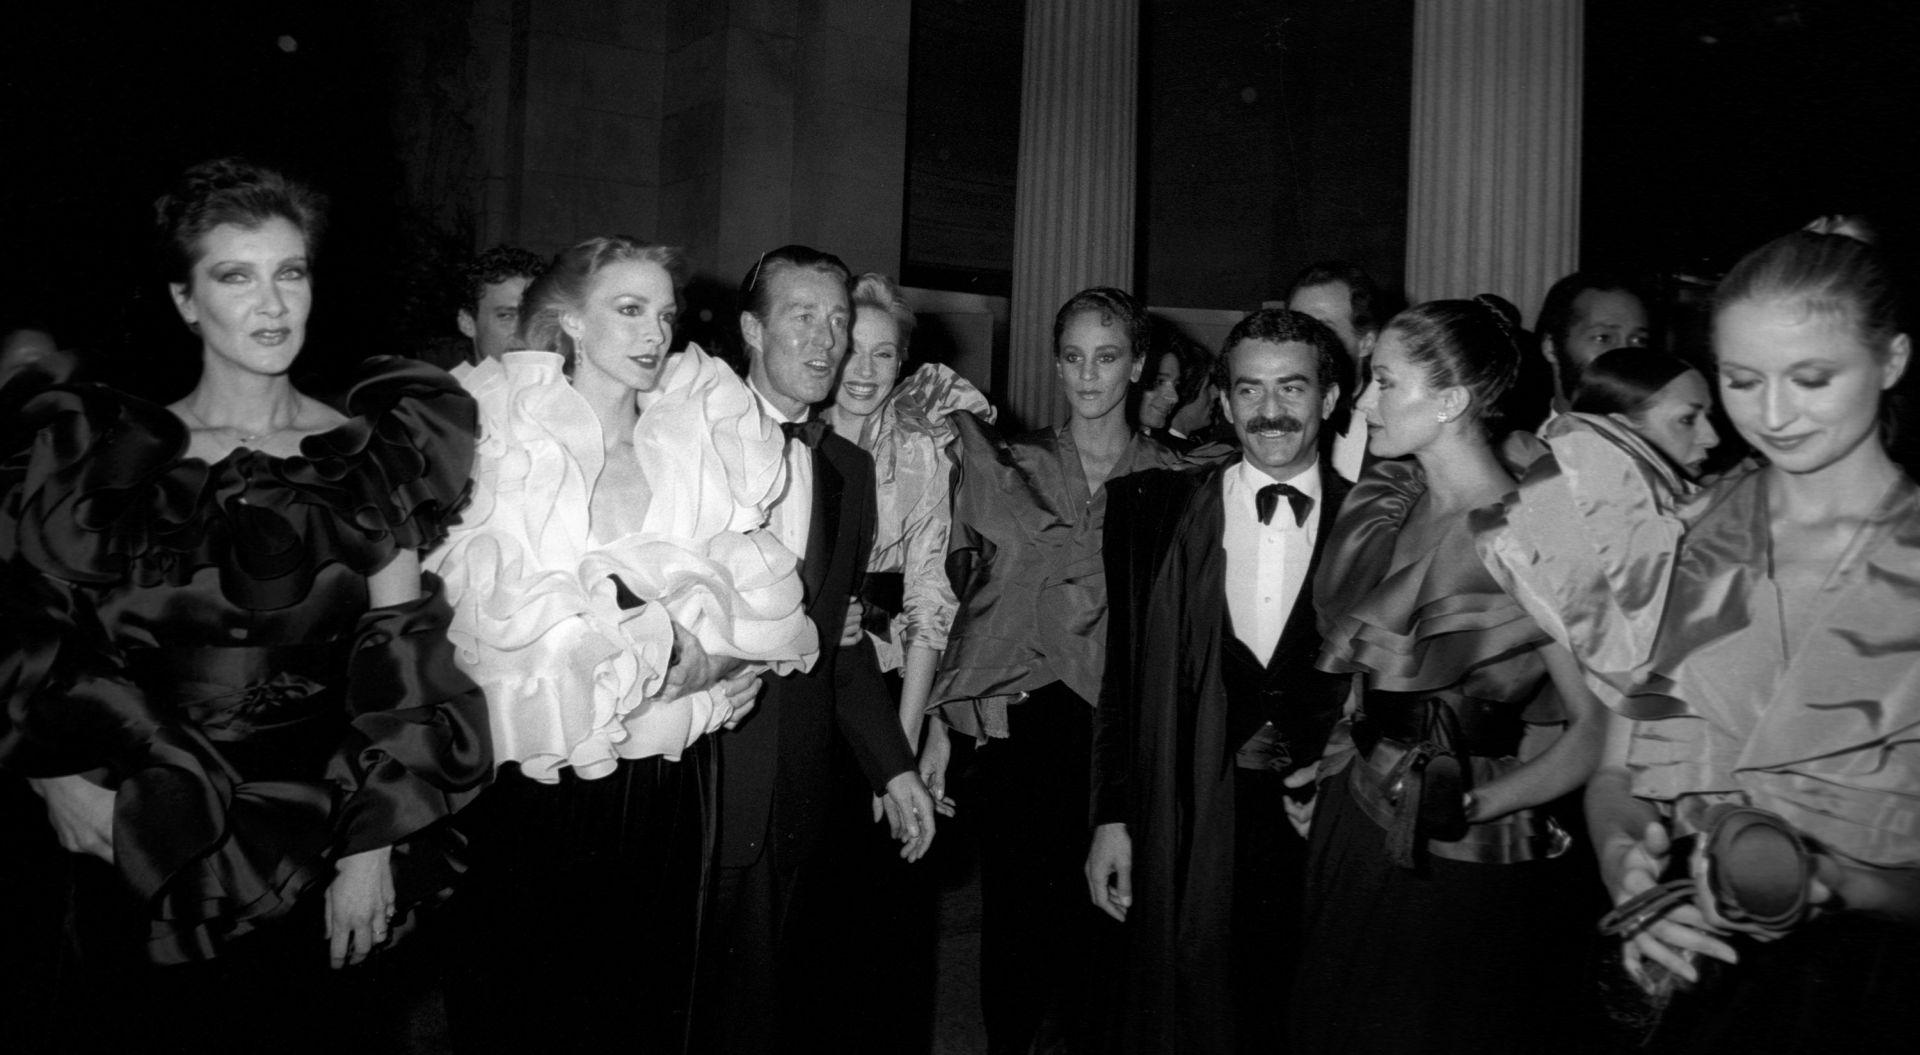 Halston és társa, Victor Hugo 1980-ban, modellek társaságában.